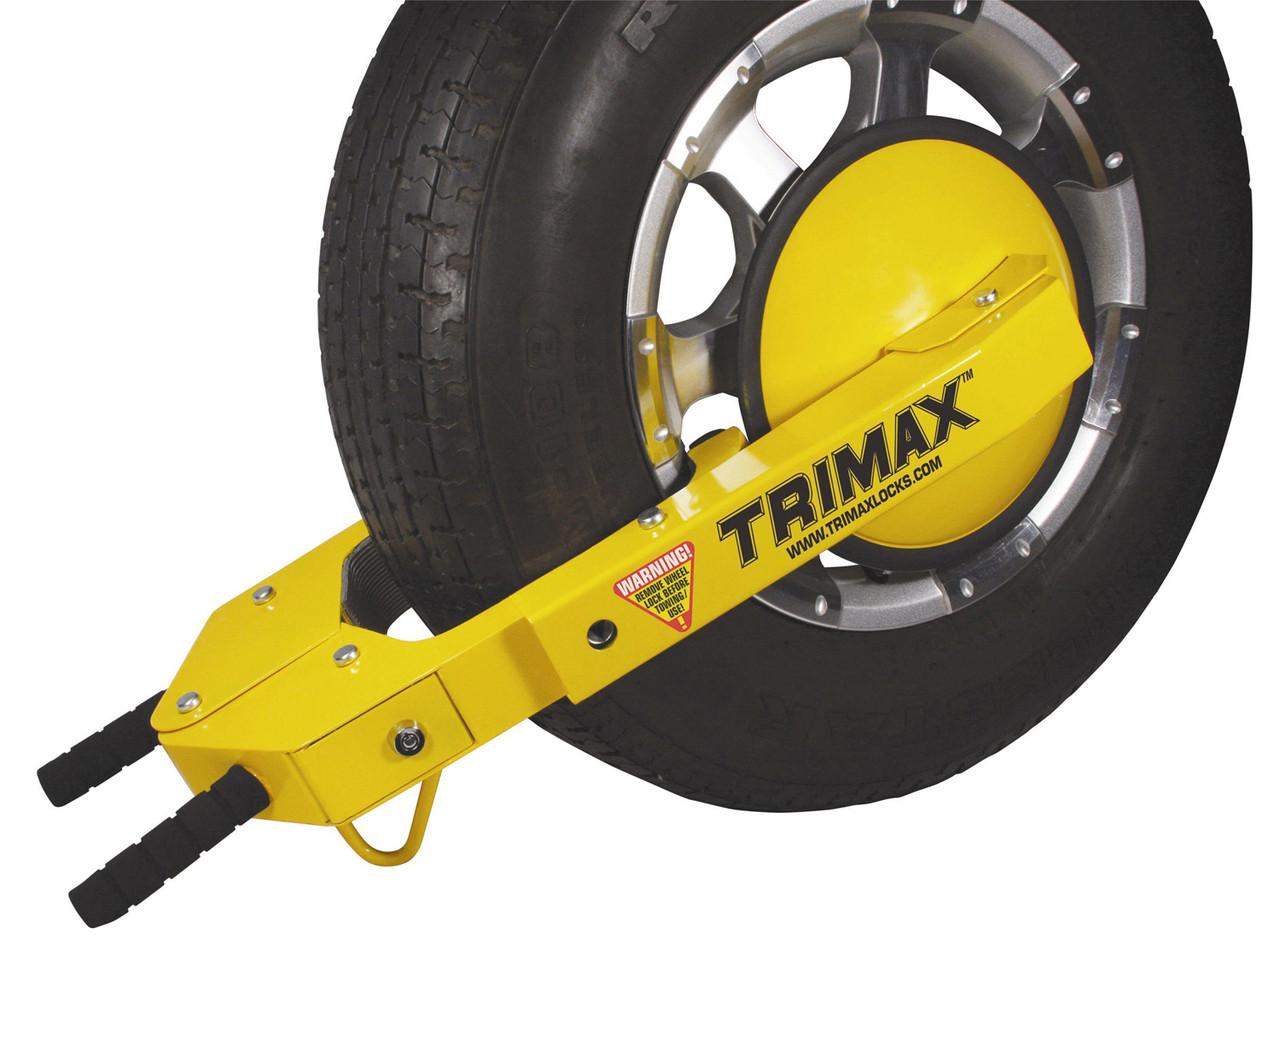 TMWL1018KEYED --- Trimax™ Adjustable Wheel Locks - Keyed Alike